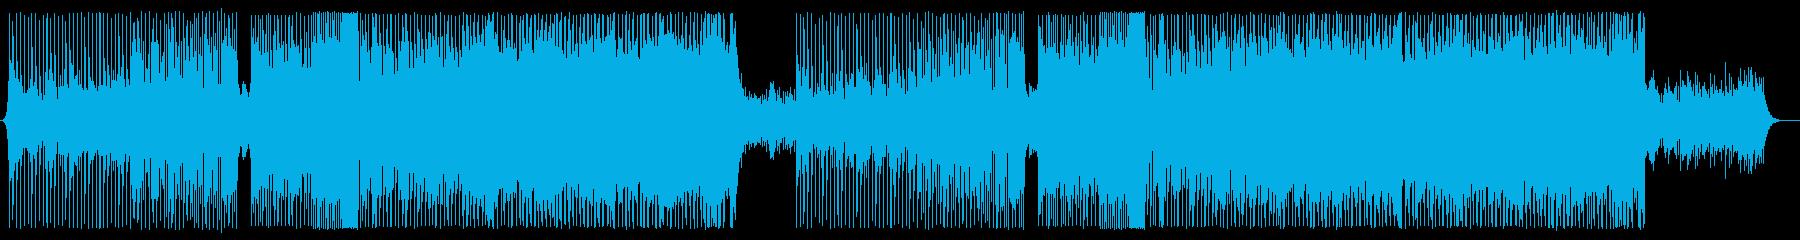 EDMの要素も持ったセツナ系テクノの再生済みの波形